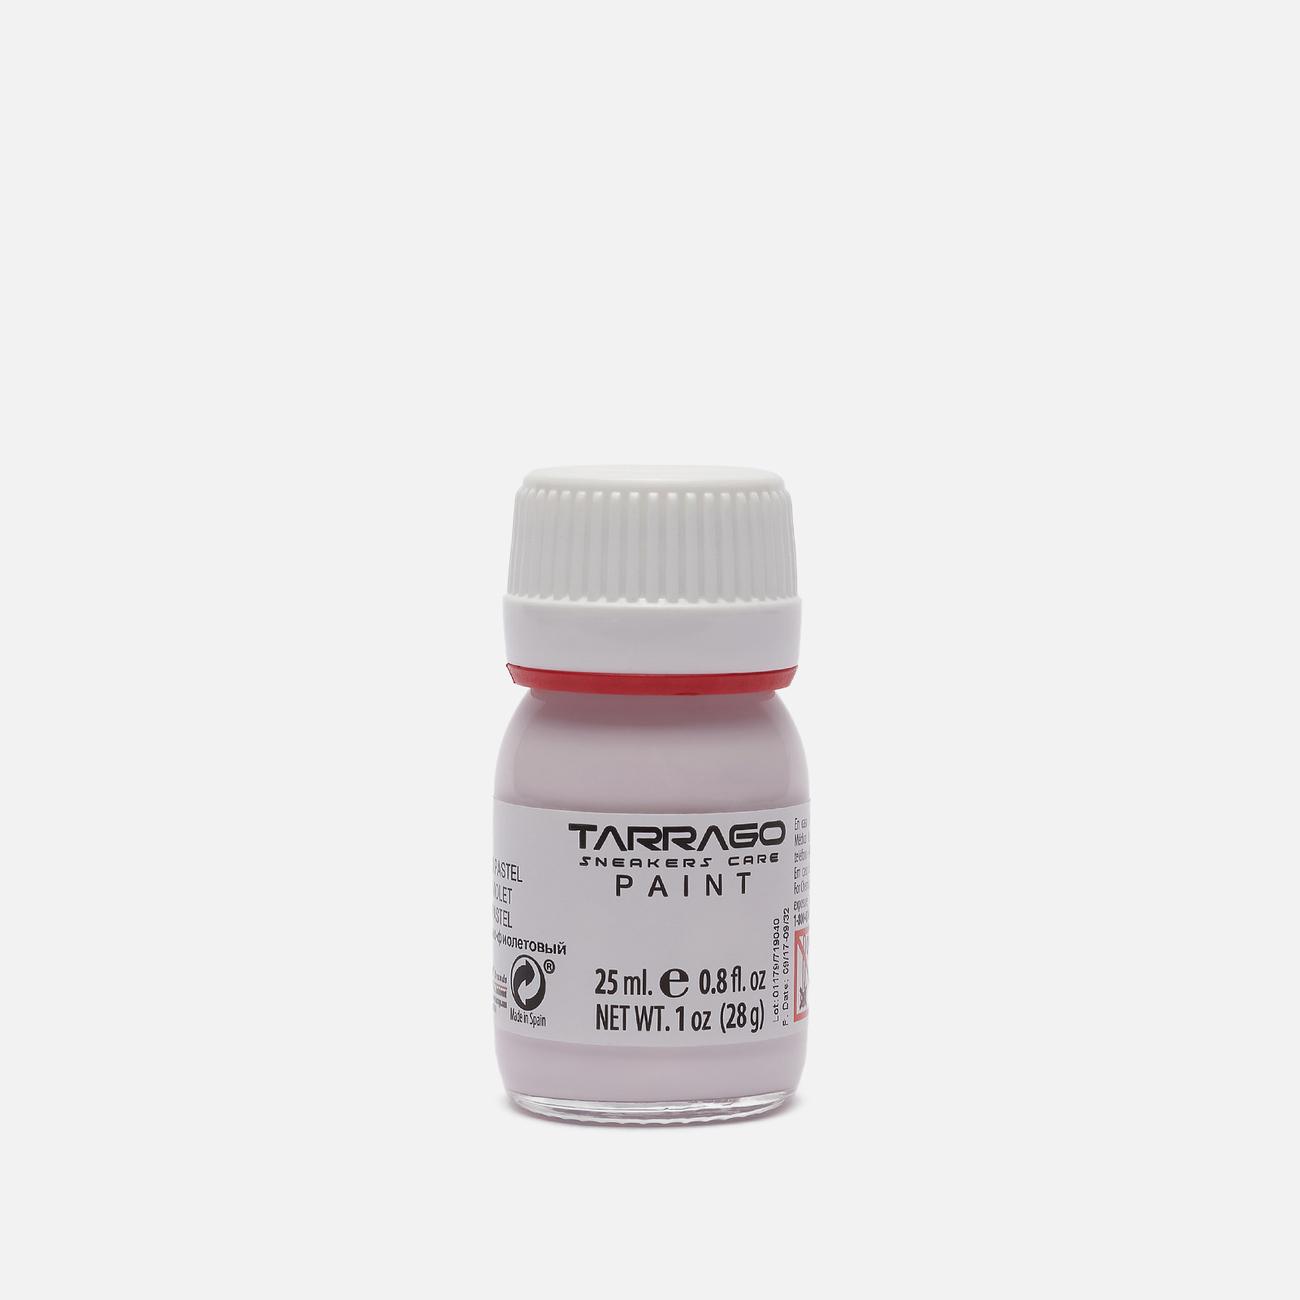 Краситель Tarrago Sneakers Care Sneakers Paint 25ml Pastel Violet